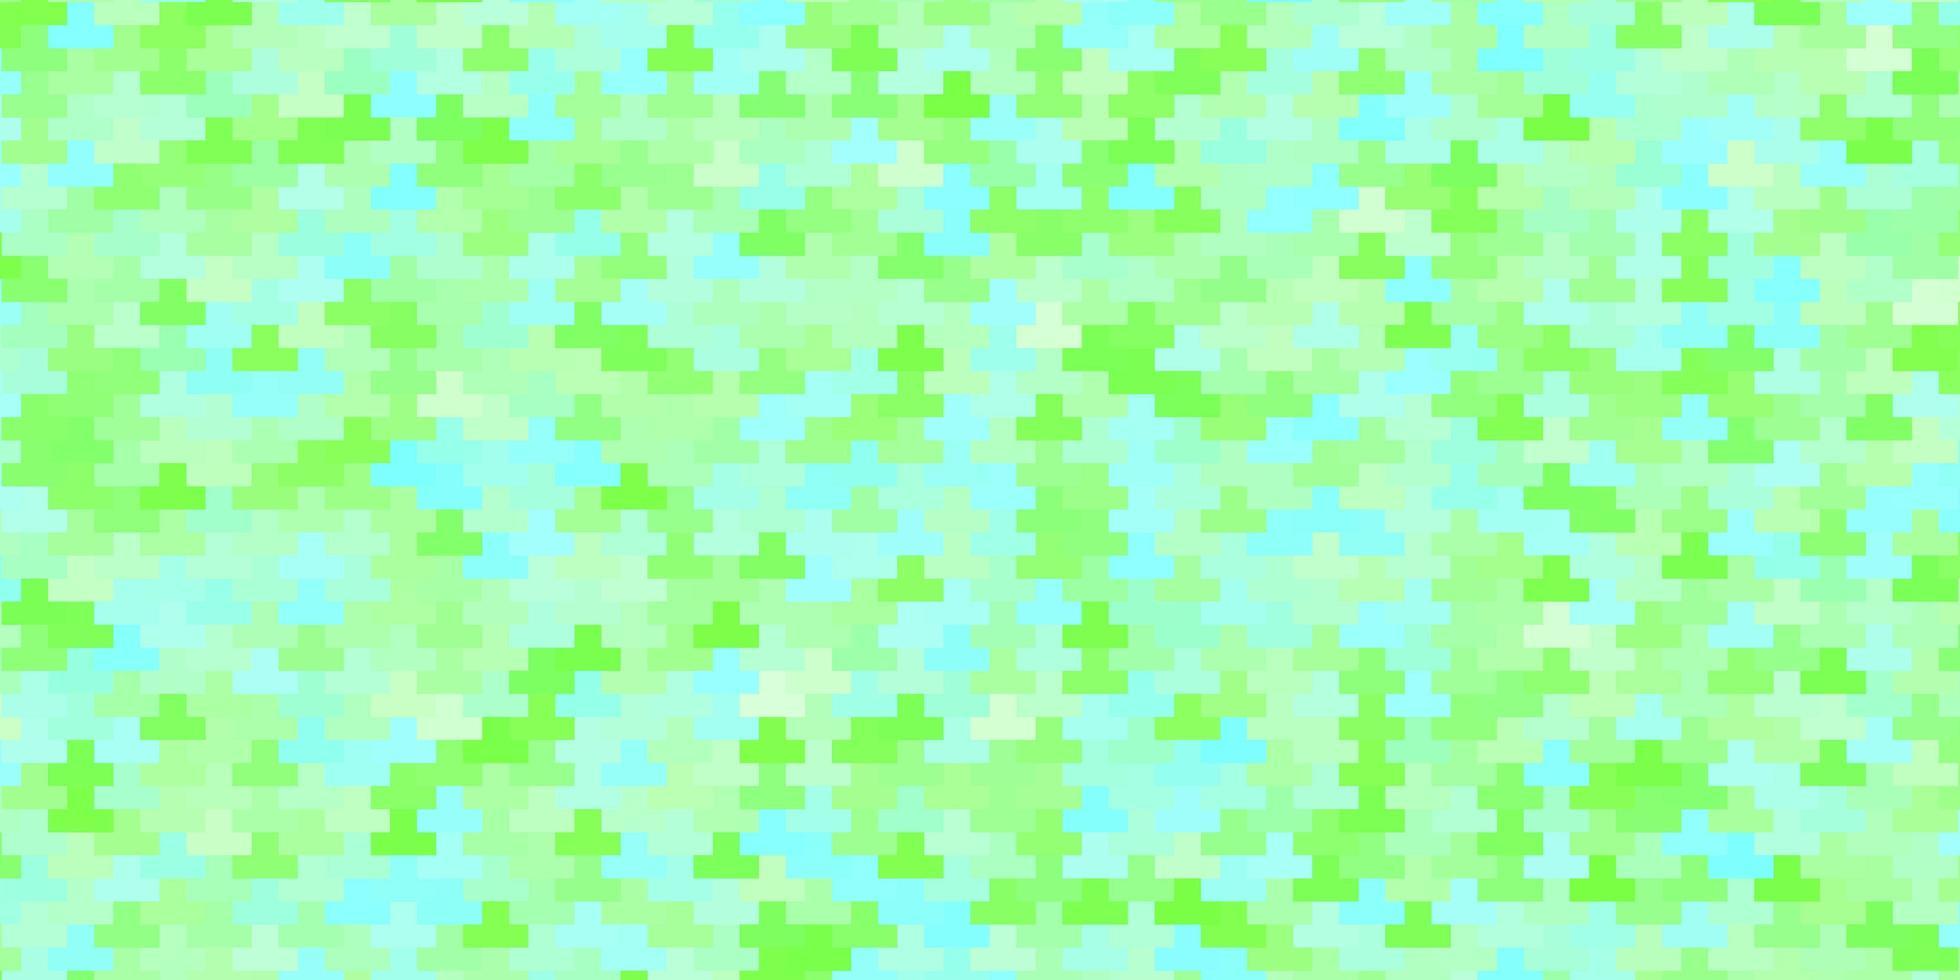 lichtgroen vectorpatroon in vierkante stijl. vector